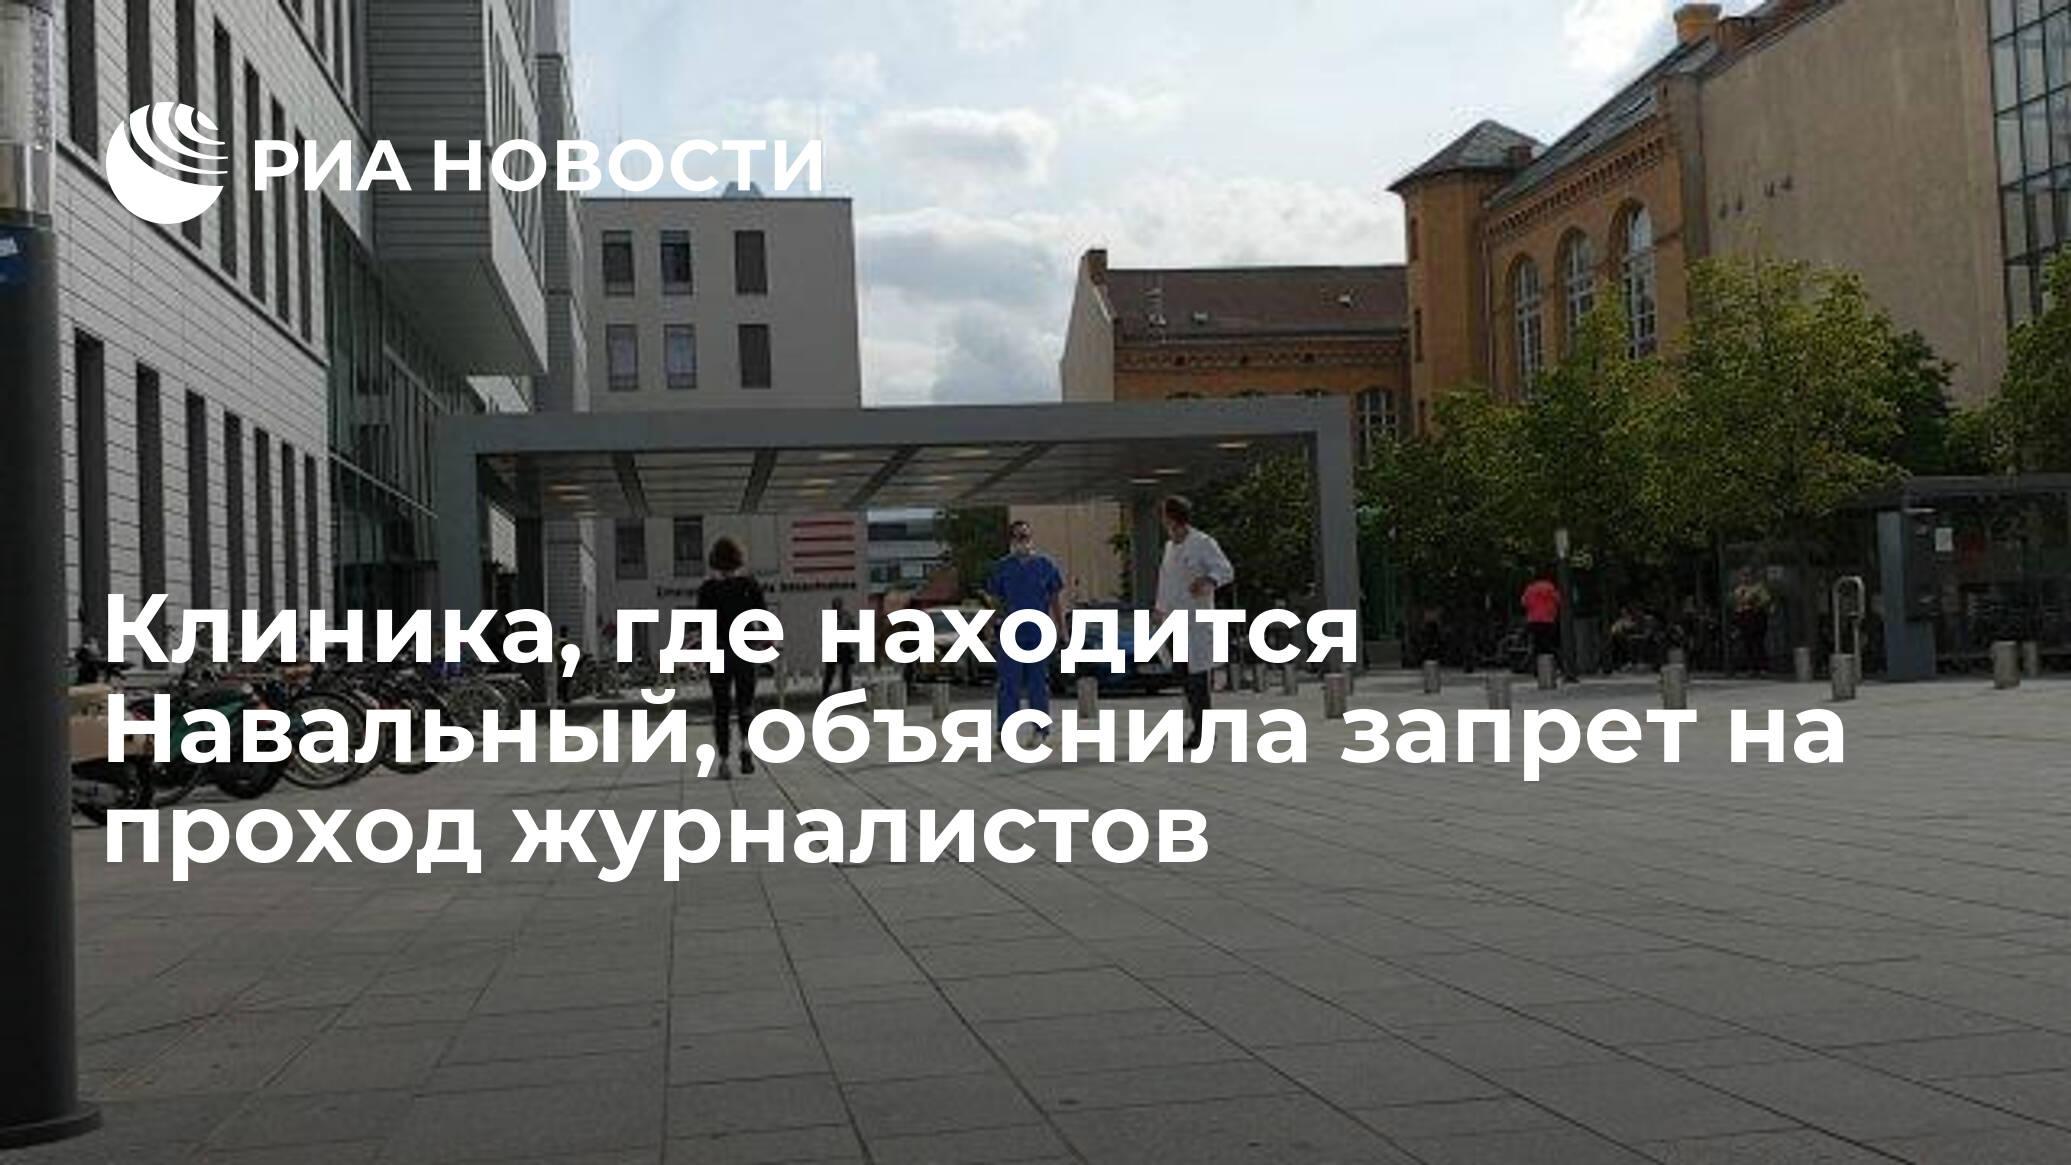 Клиника, где находится Навальный, объяснила запрет на проход журналистов - РИА НОВОСТИ